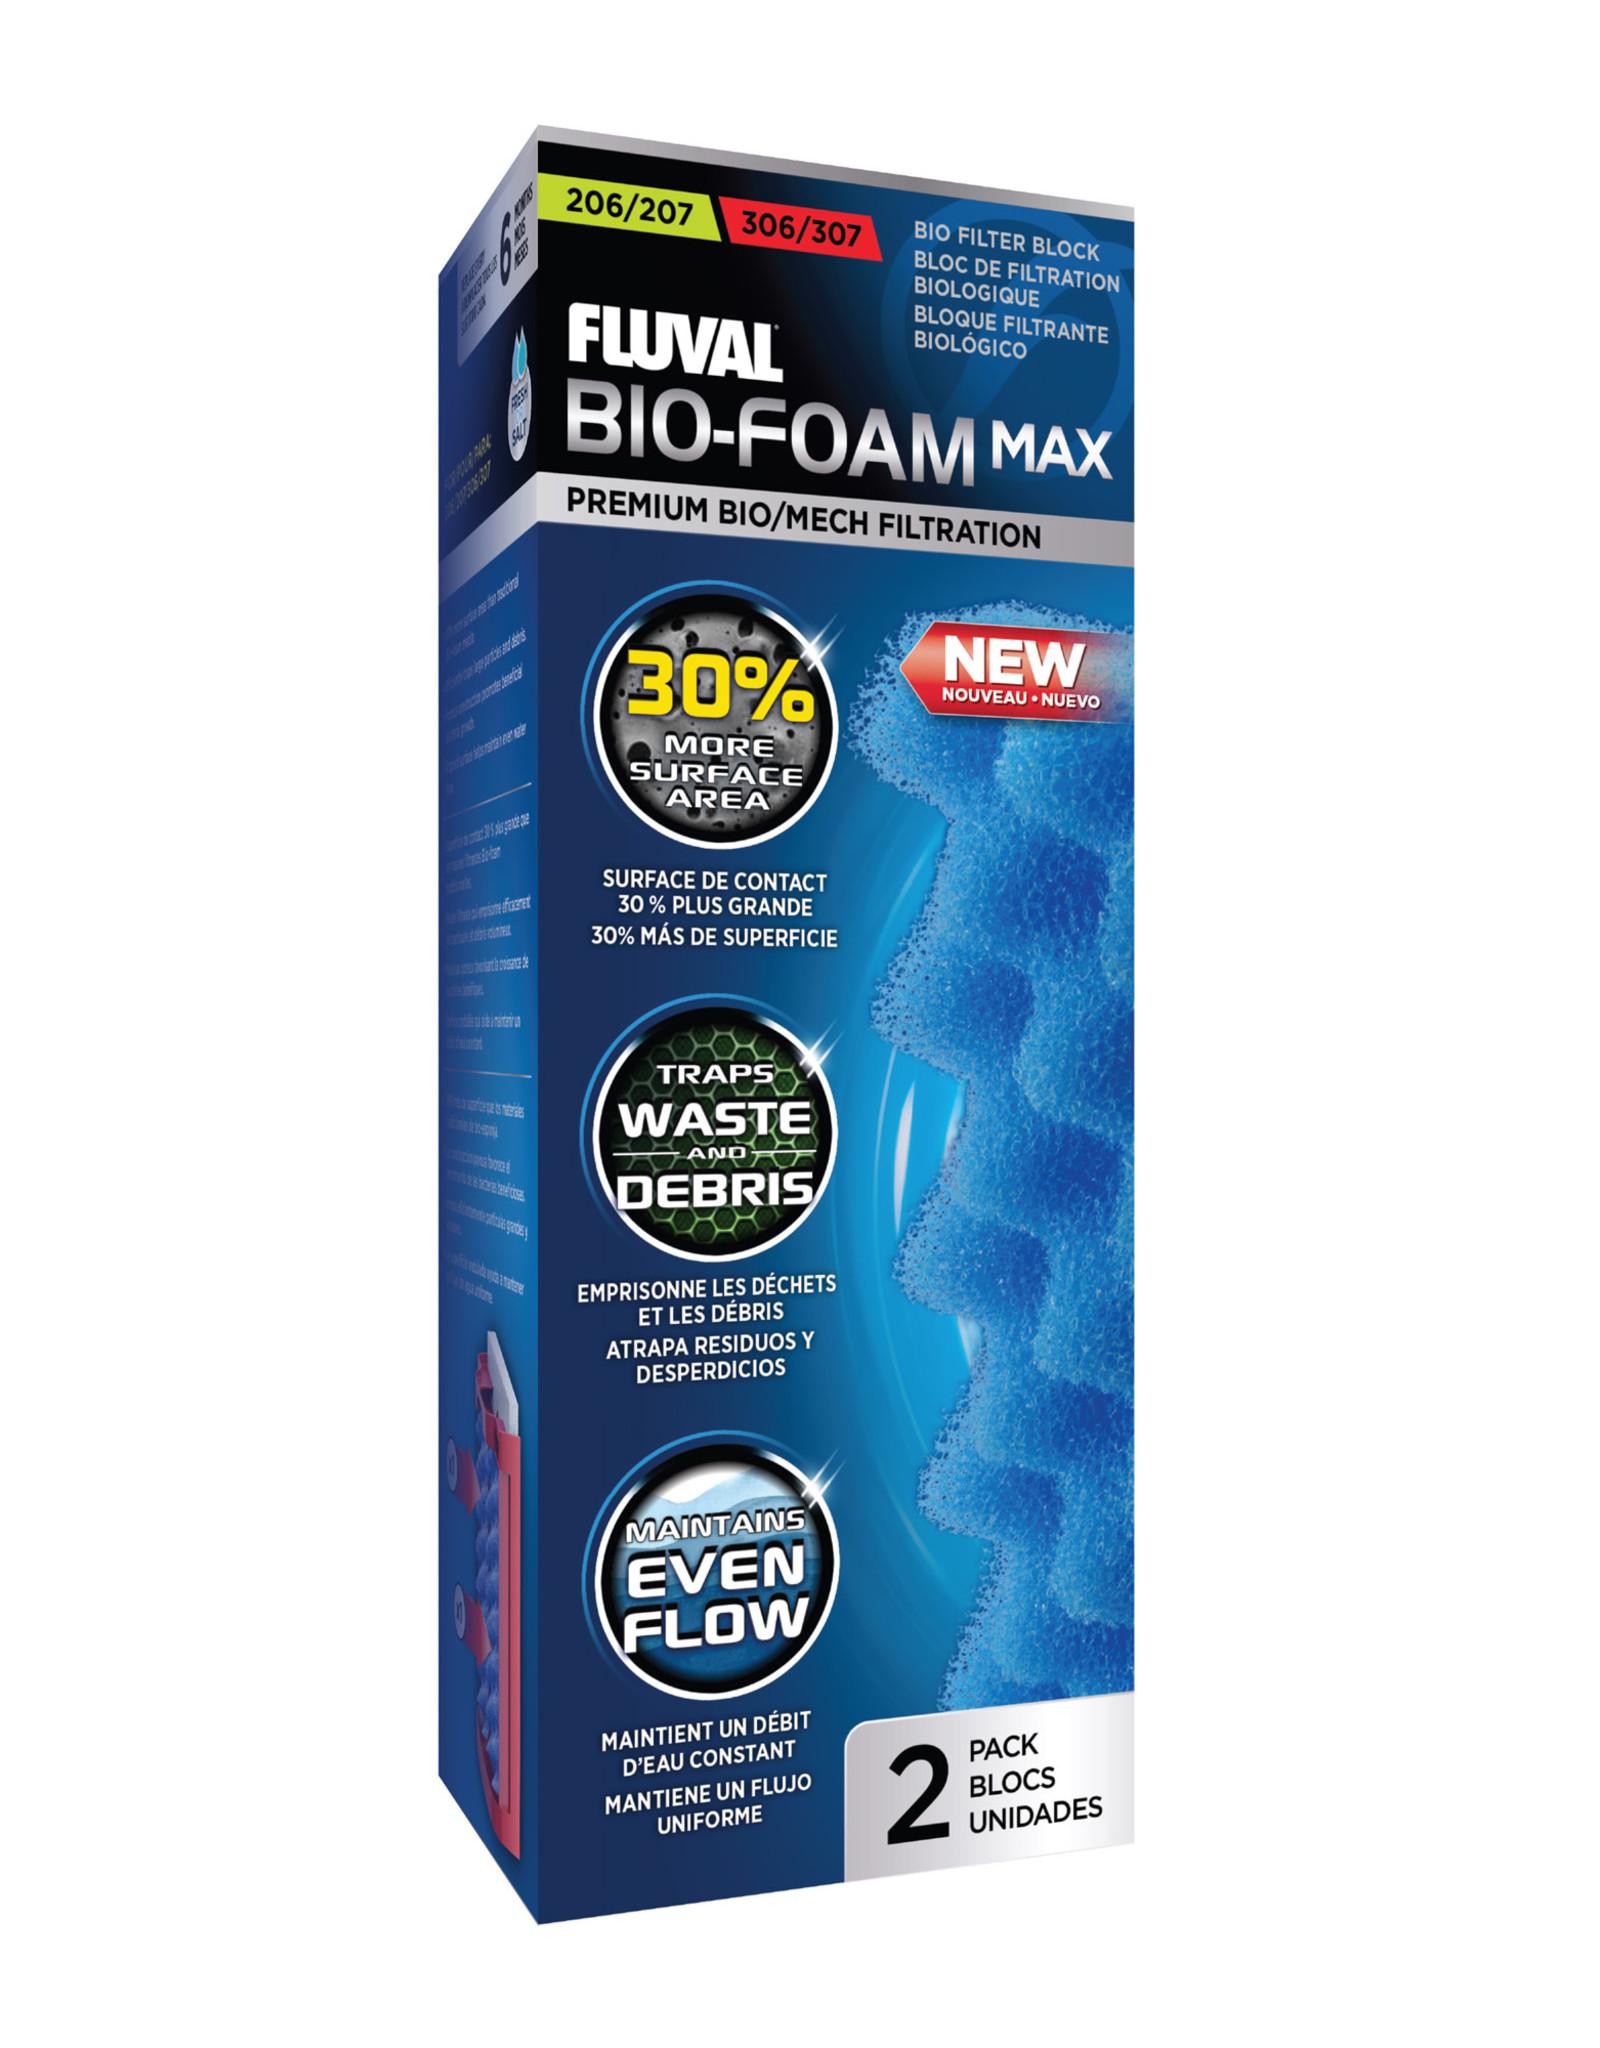 Fluval FL 207/307 BioFoam MAX, 2pcs